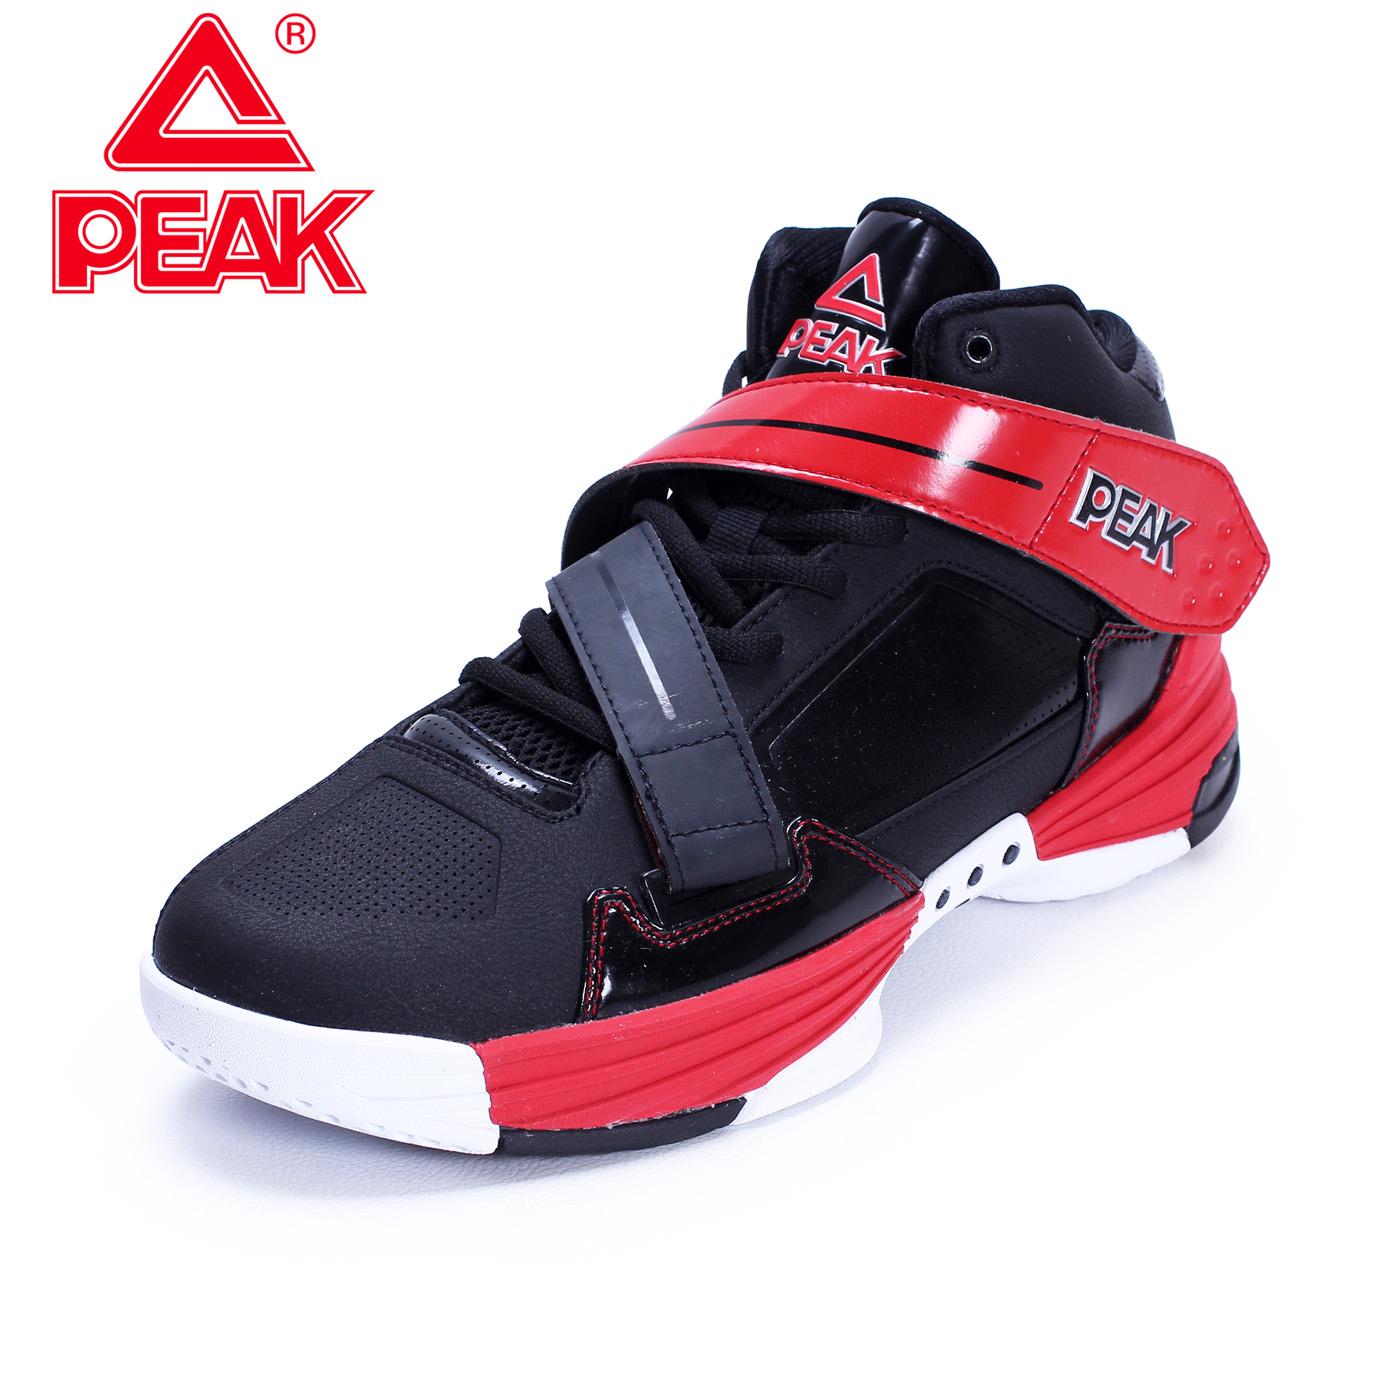 баскетбольные кроссовки Peak Tp9 E32201A